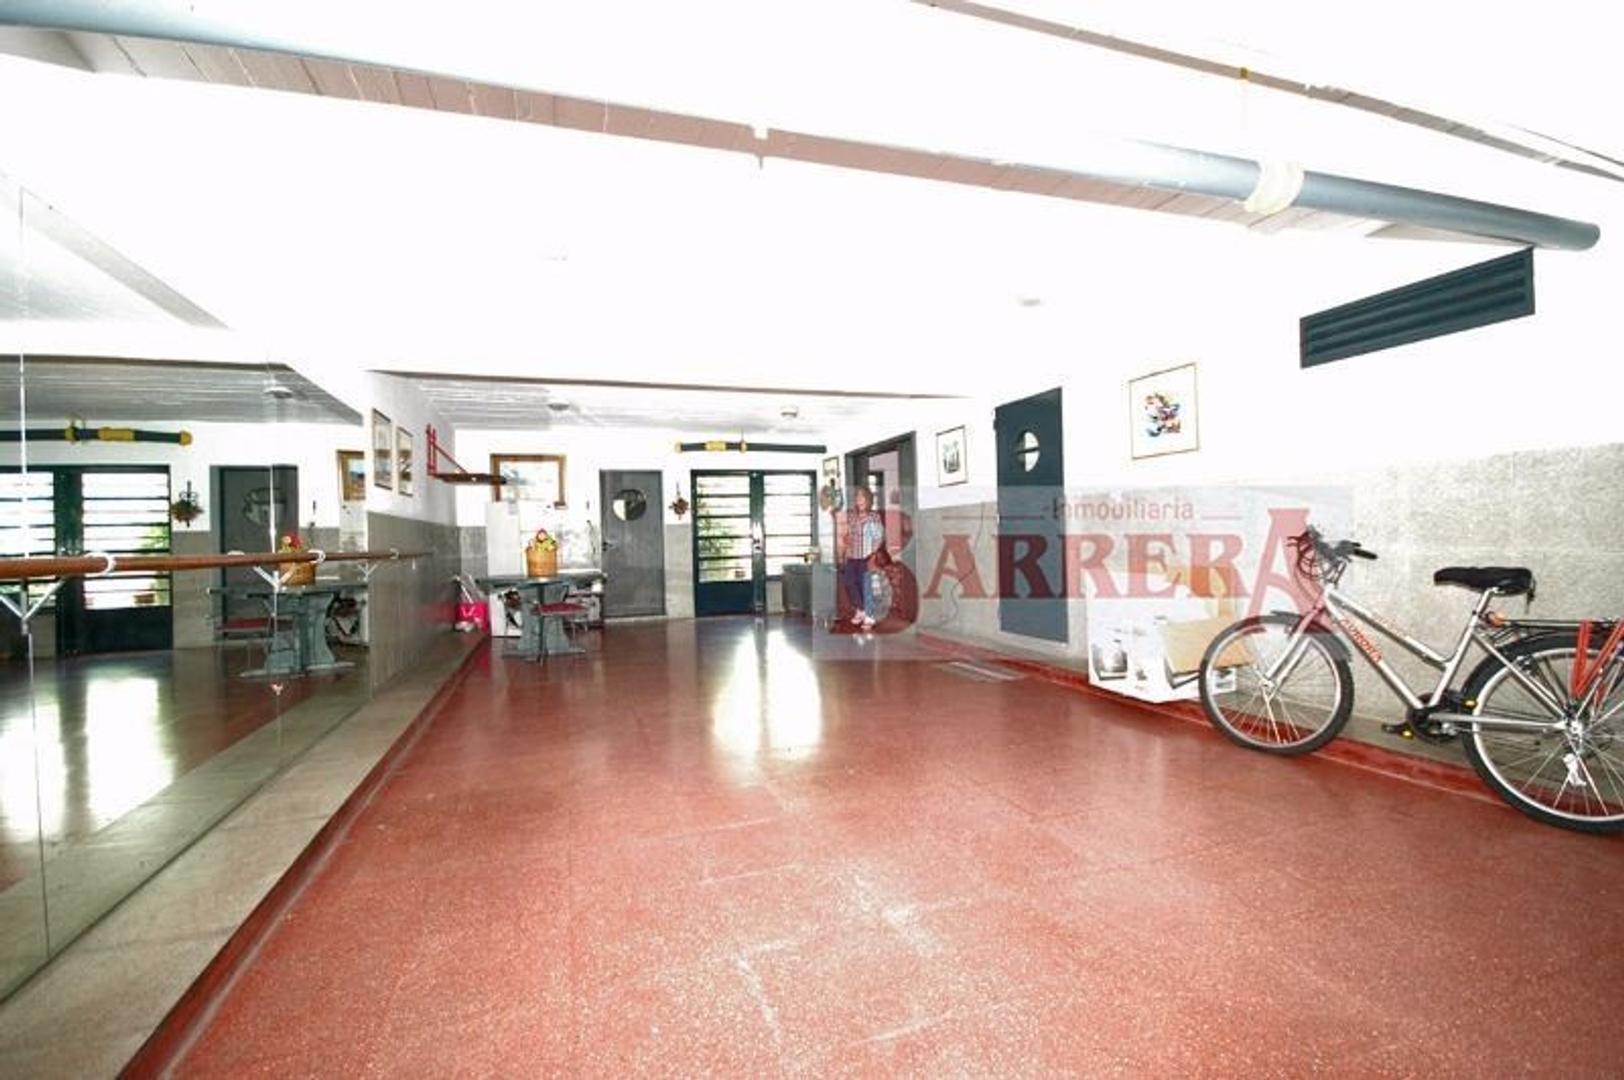 excelente casa 440 m2 cub en lo mejor de Belgrano R - Foto 20